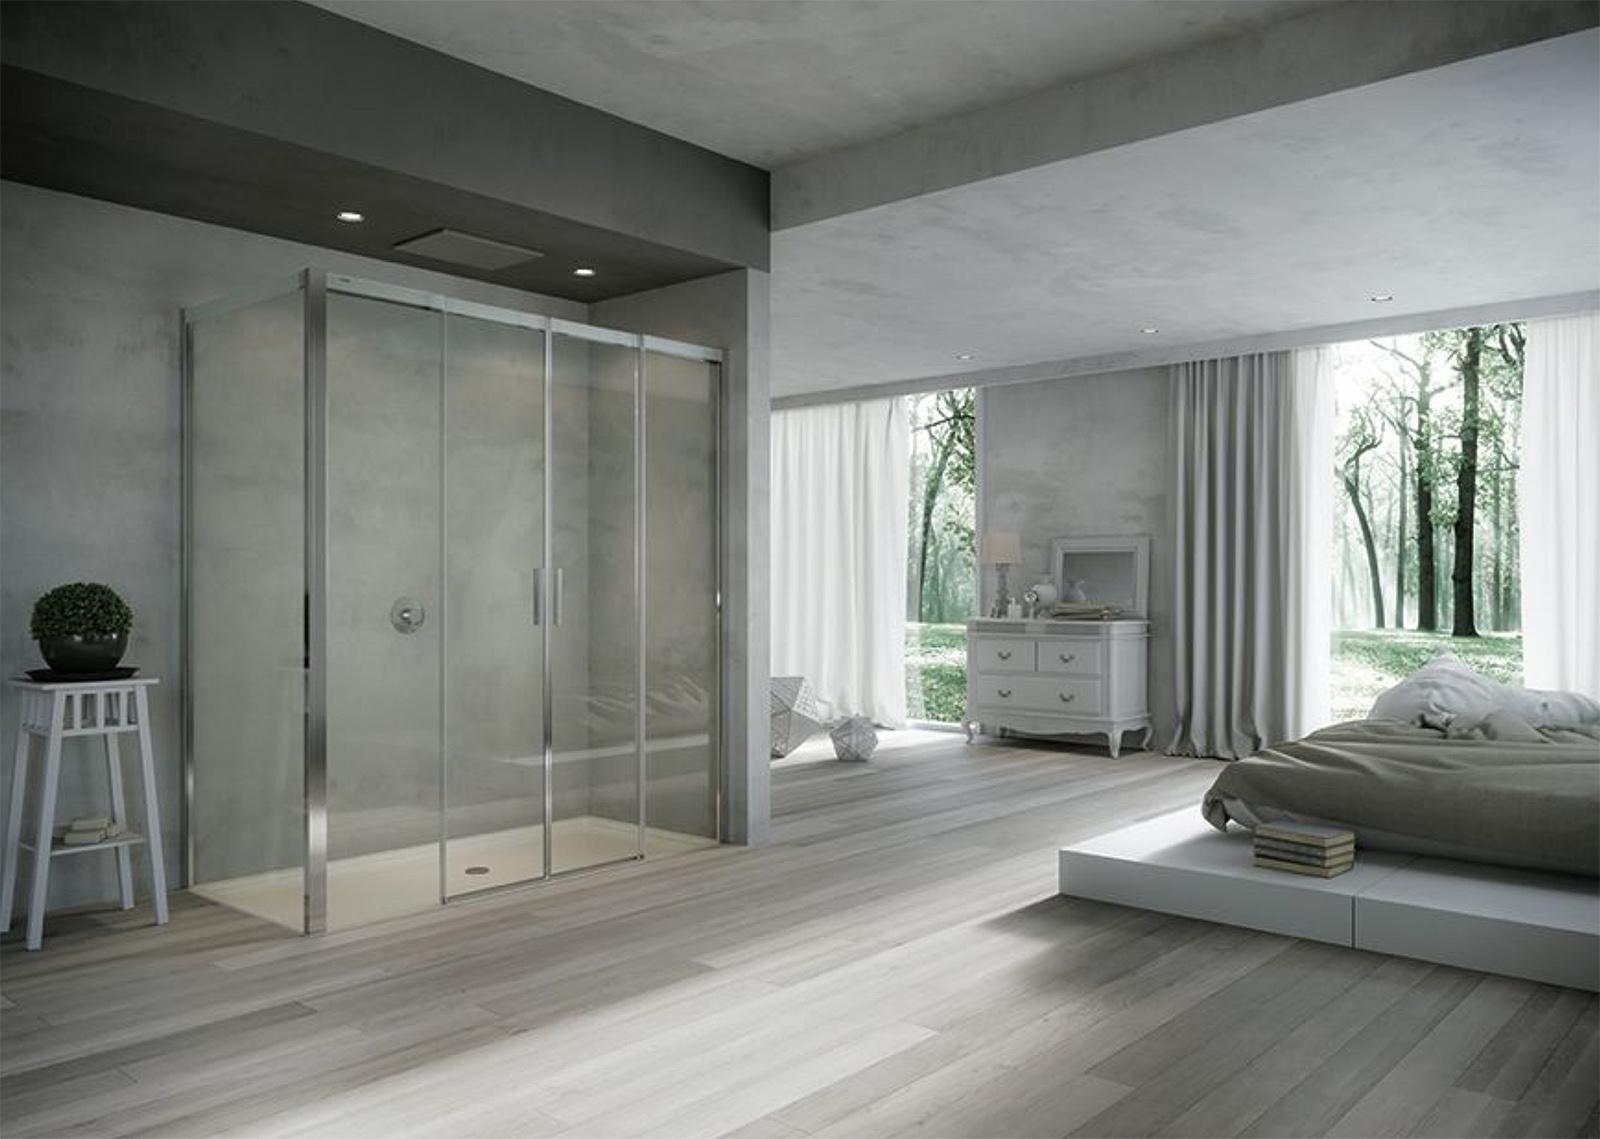 duka-per-lhotel-de-charme-di-laveno-tra-panorama-e-benessere-01